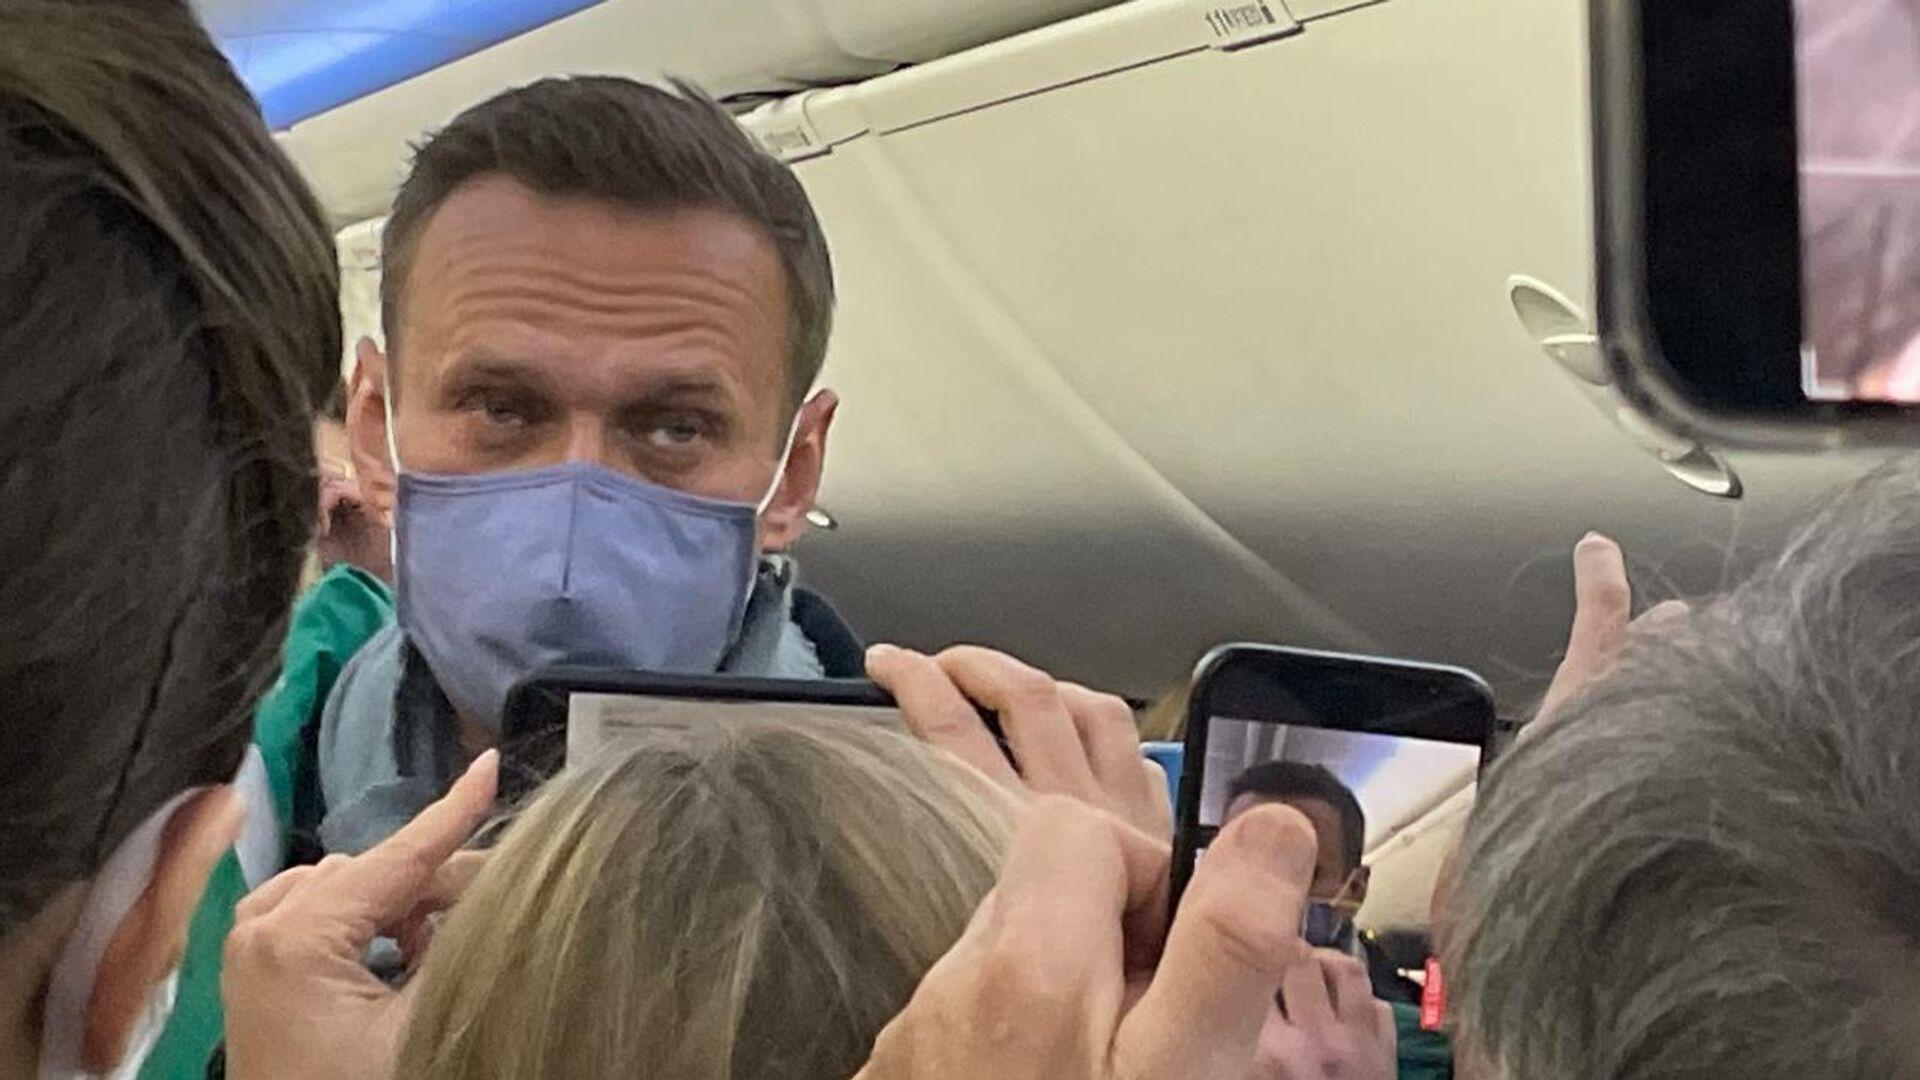 Алексей Навальный в салоне самолета авиакомпании Победа - РИА Новости, 1920, 23.01.2021